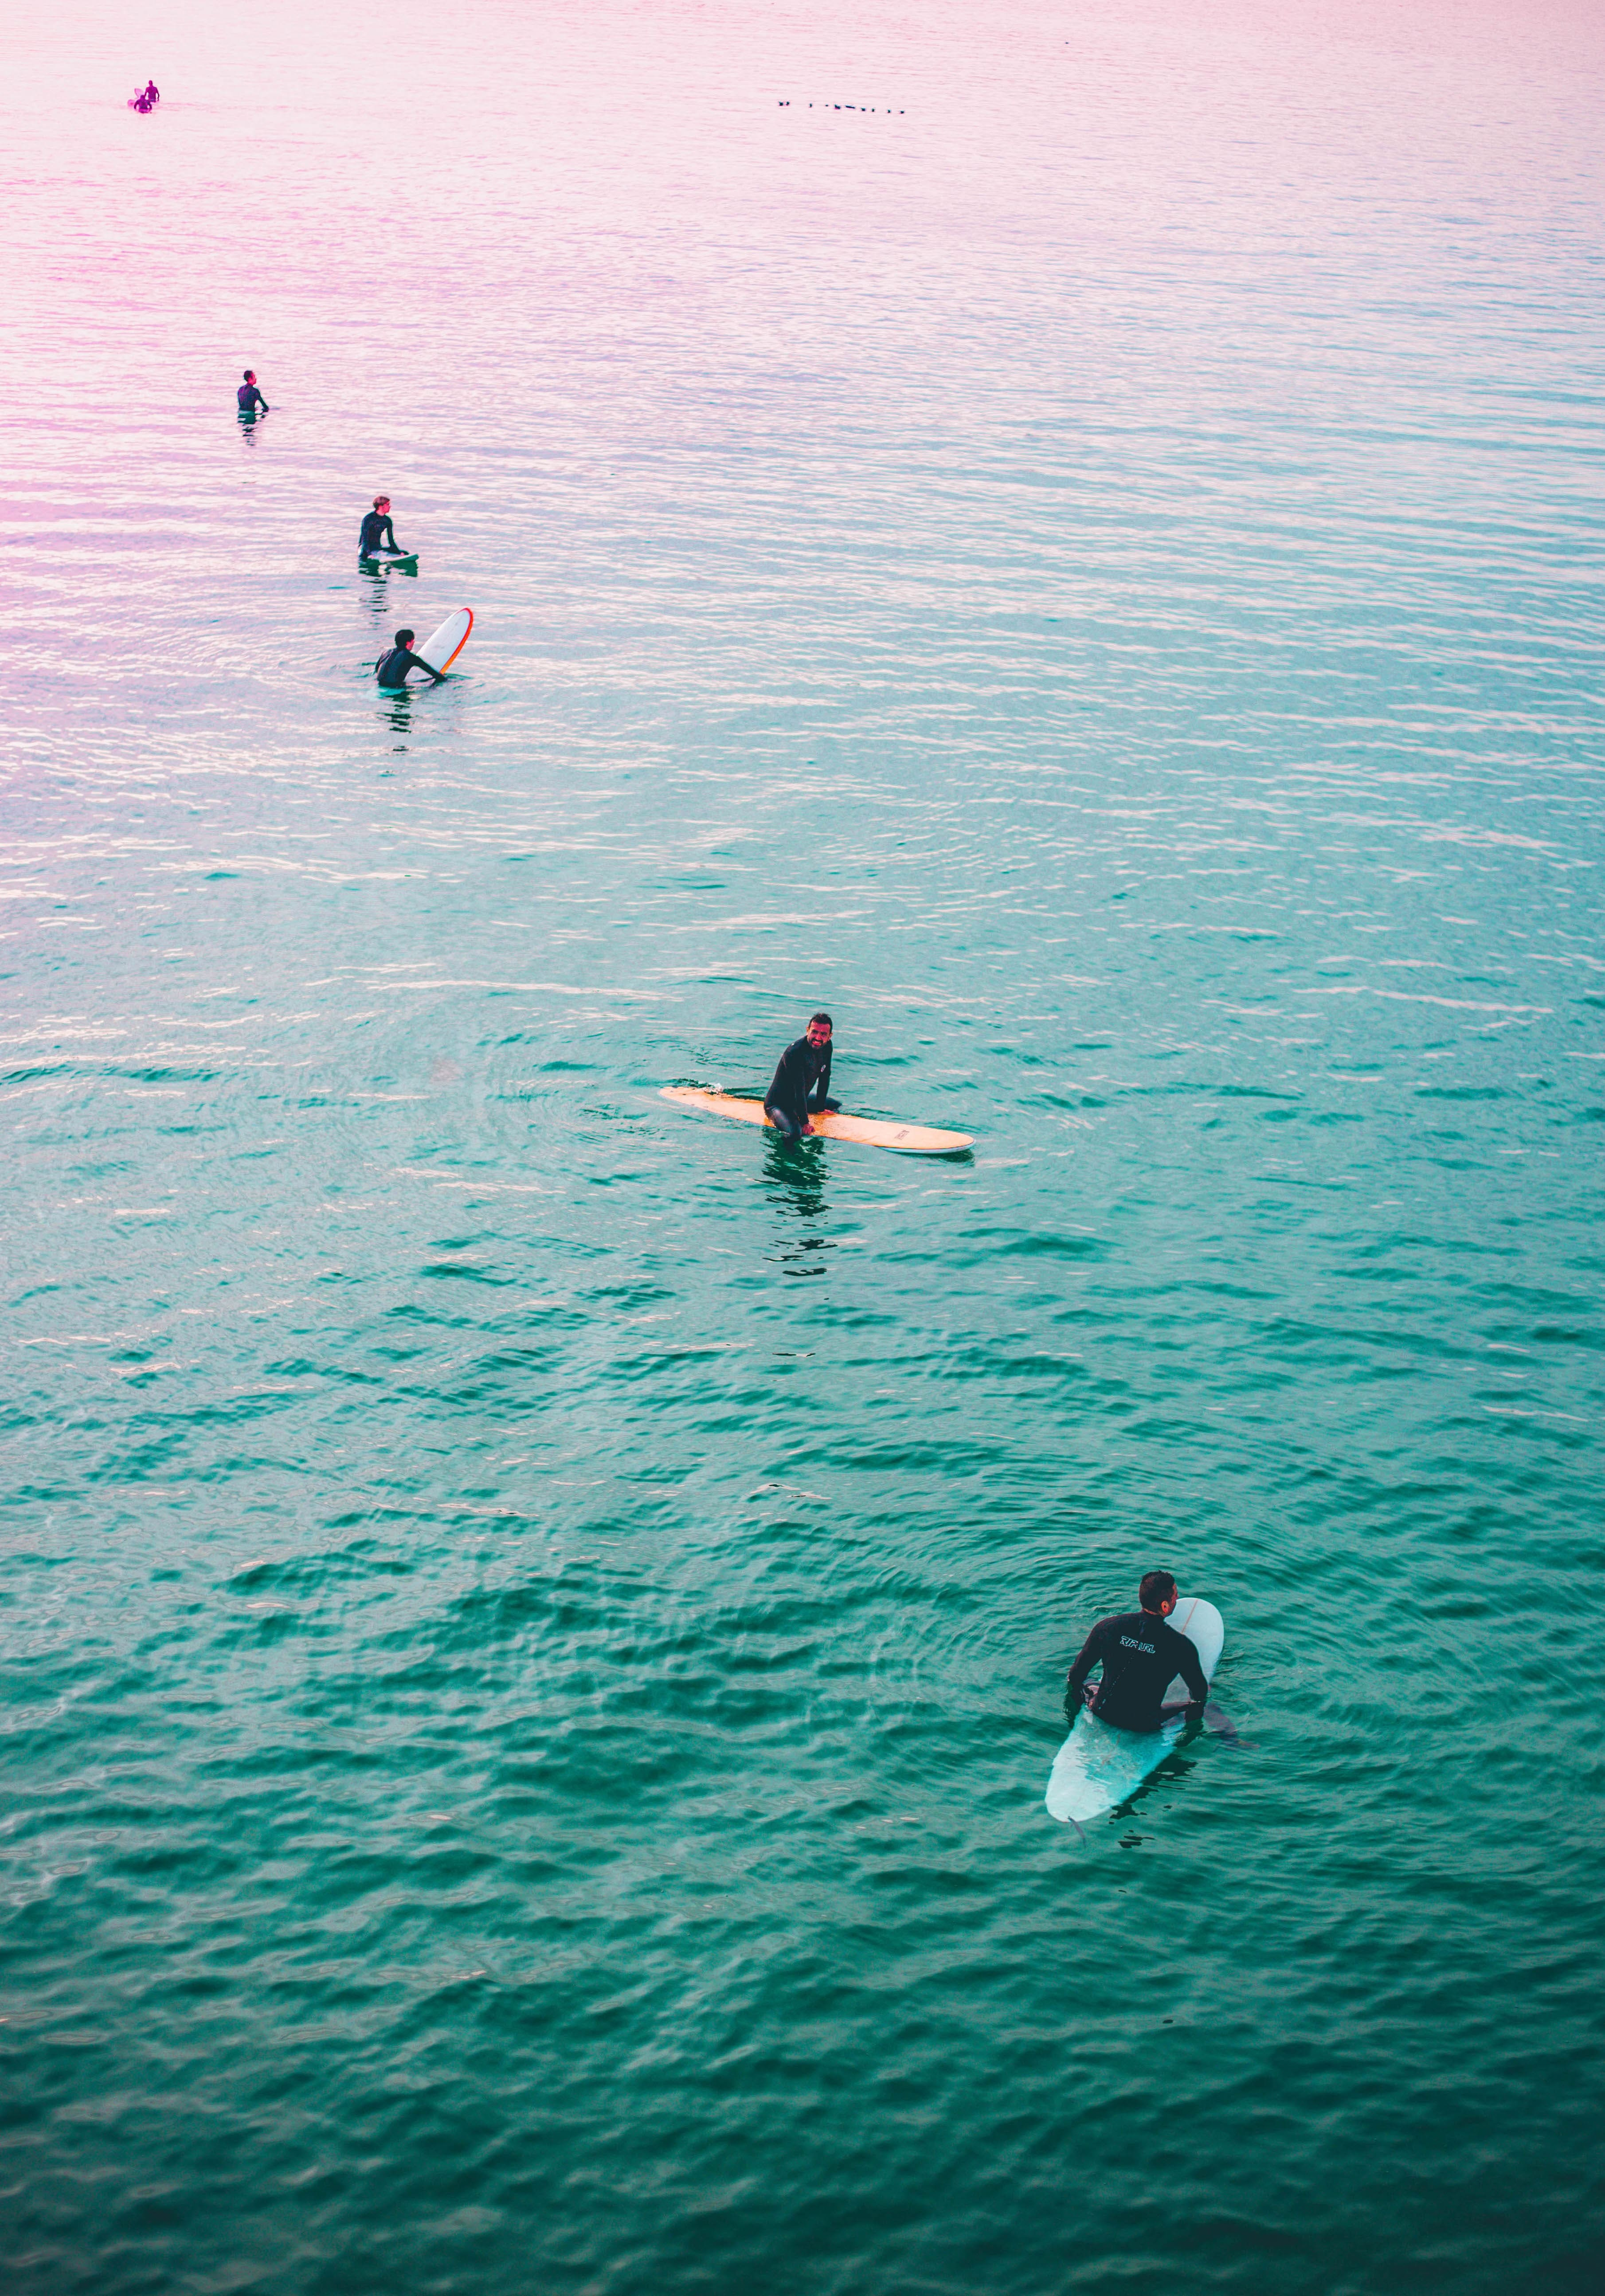 Kolo vacances top 10 des raisons de se mettre au surf ! Surf camp Oléron colonie de vacances